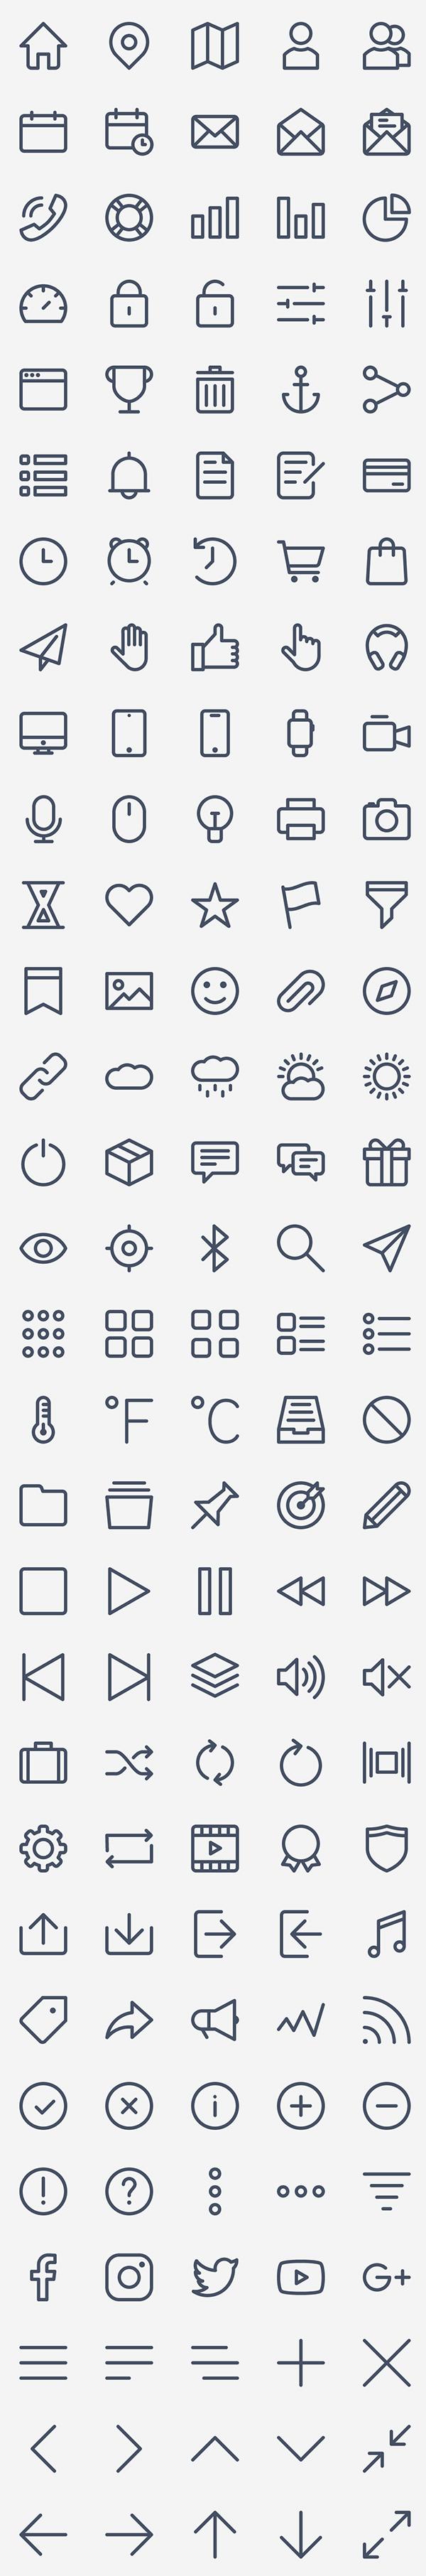 Free Basic Icon Set